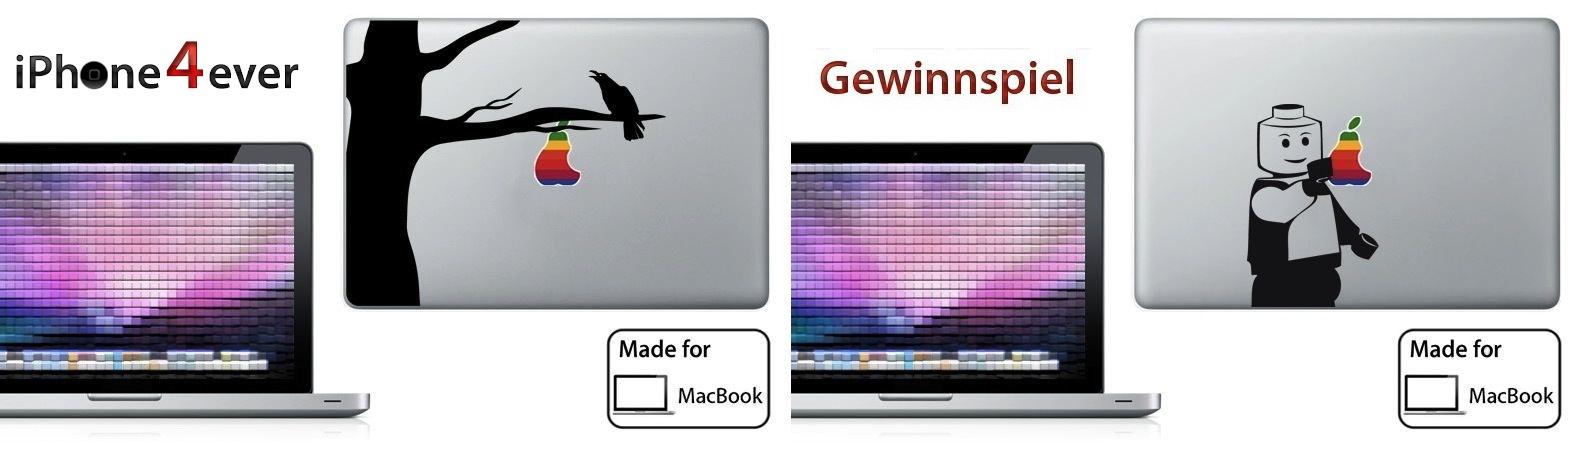 Gewinnspiel Ipad Macbook Aufkleber Von Bluemac Iphone4ever